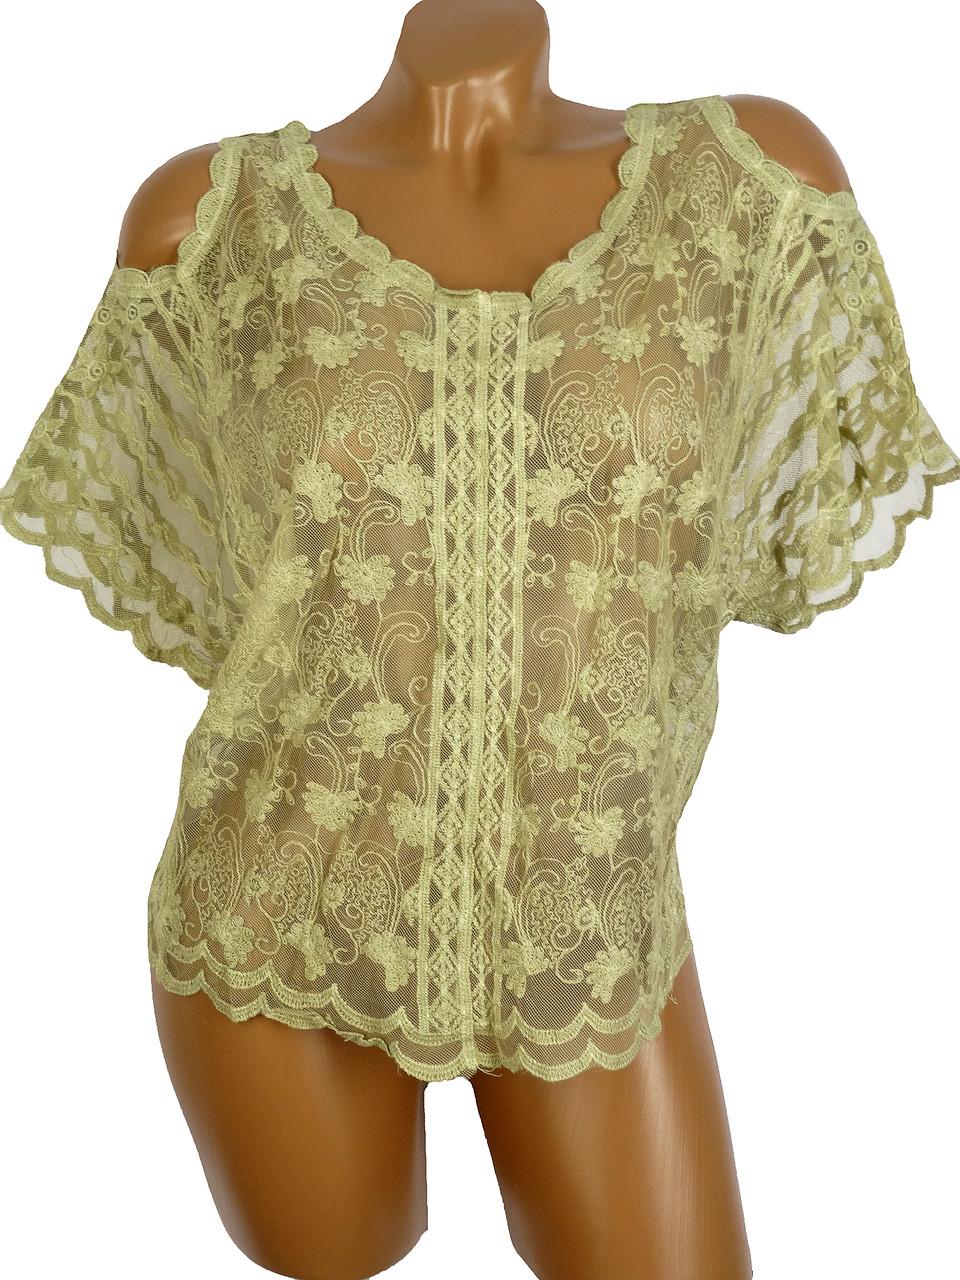 d11c48f383a Оригинальная блузка из гипюра(42-48) - Женская одежда оптом